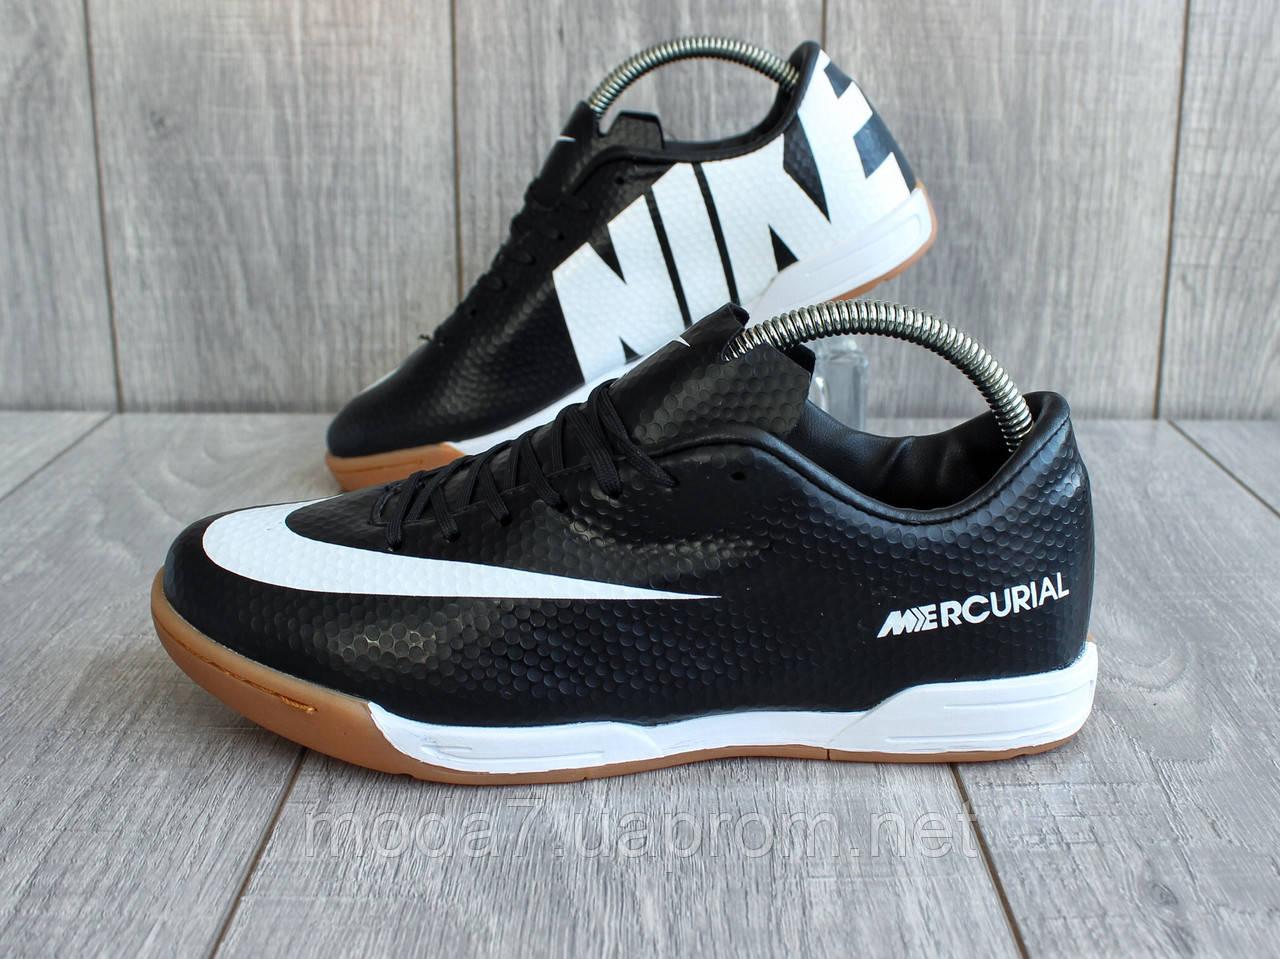 Мужские футзалки - бампы Nike Mercurial черные 41-45р реплика